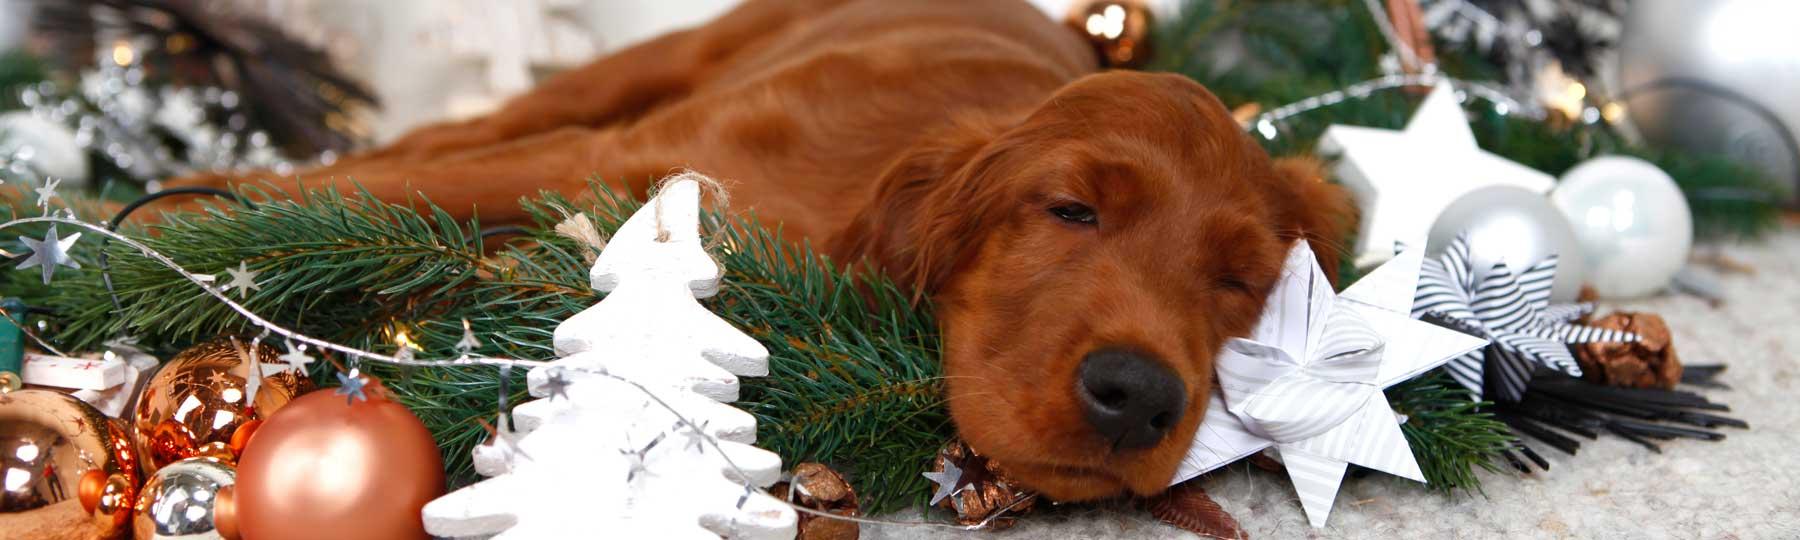 weihnachten weihnachtsmarkt und weihnachtsgeschenke f r hunde. Black Bedroom Furniture Sets. Home Design Ideas